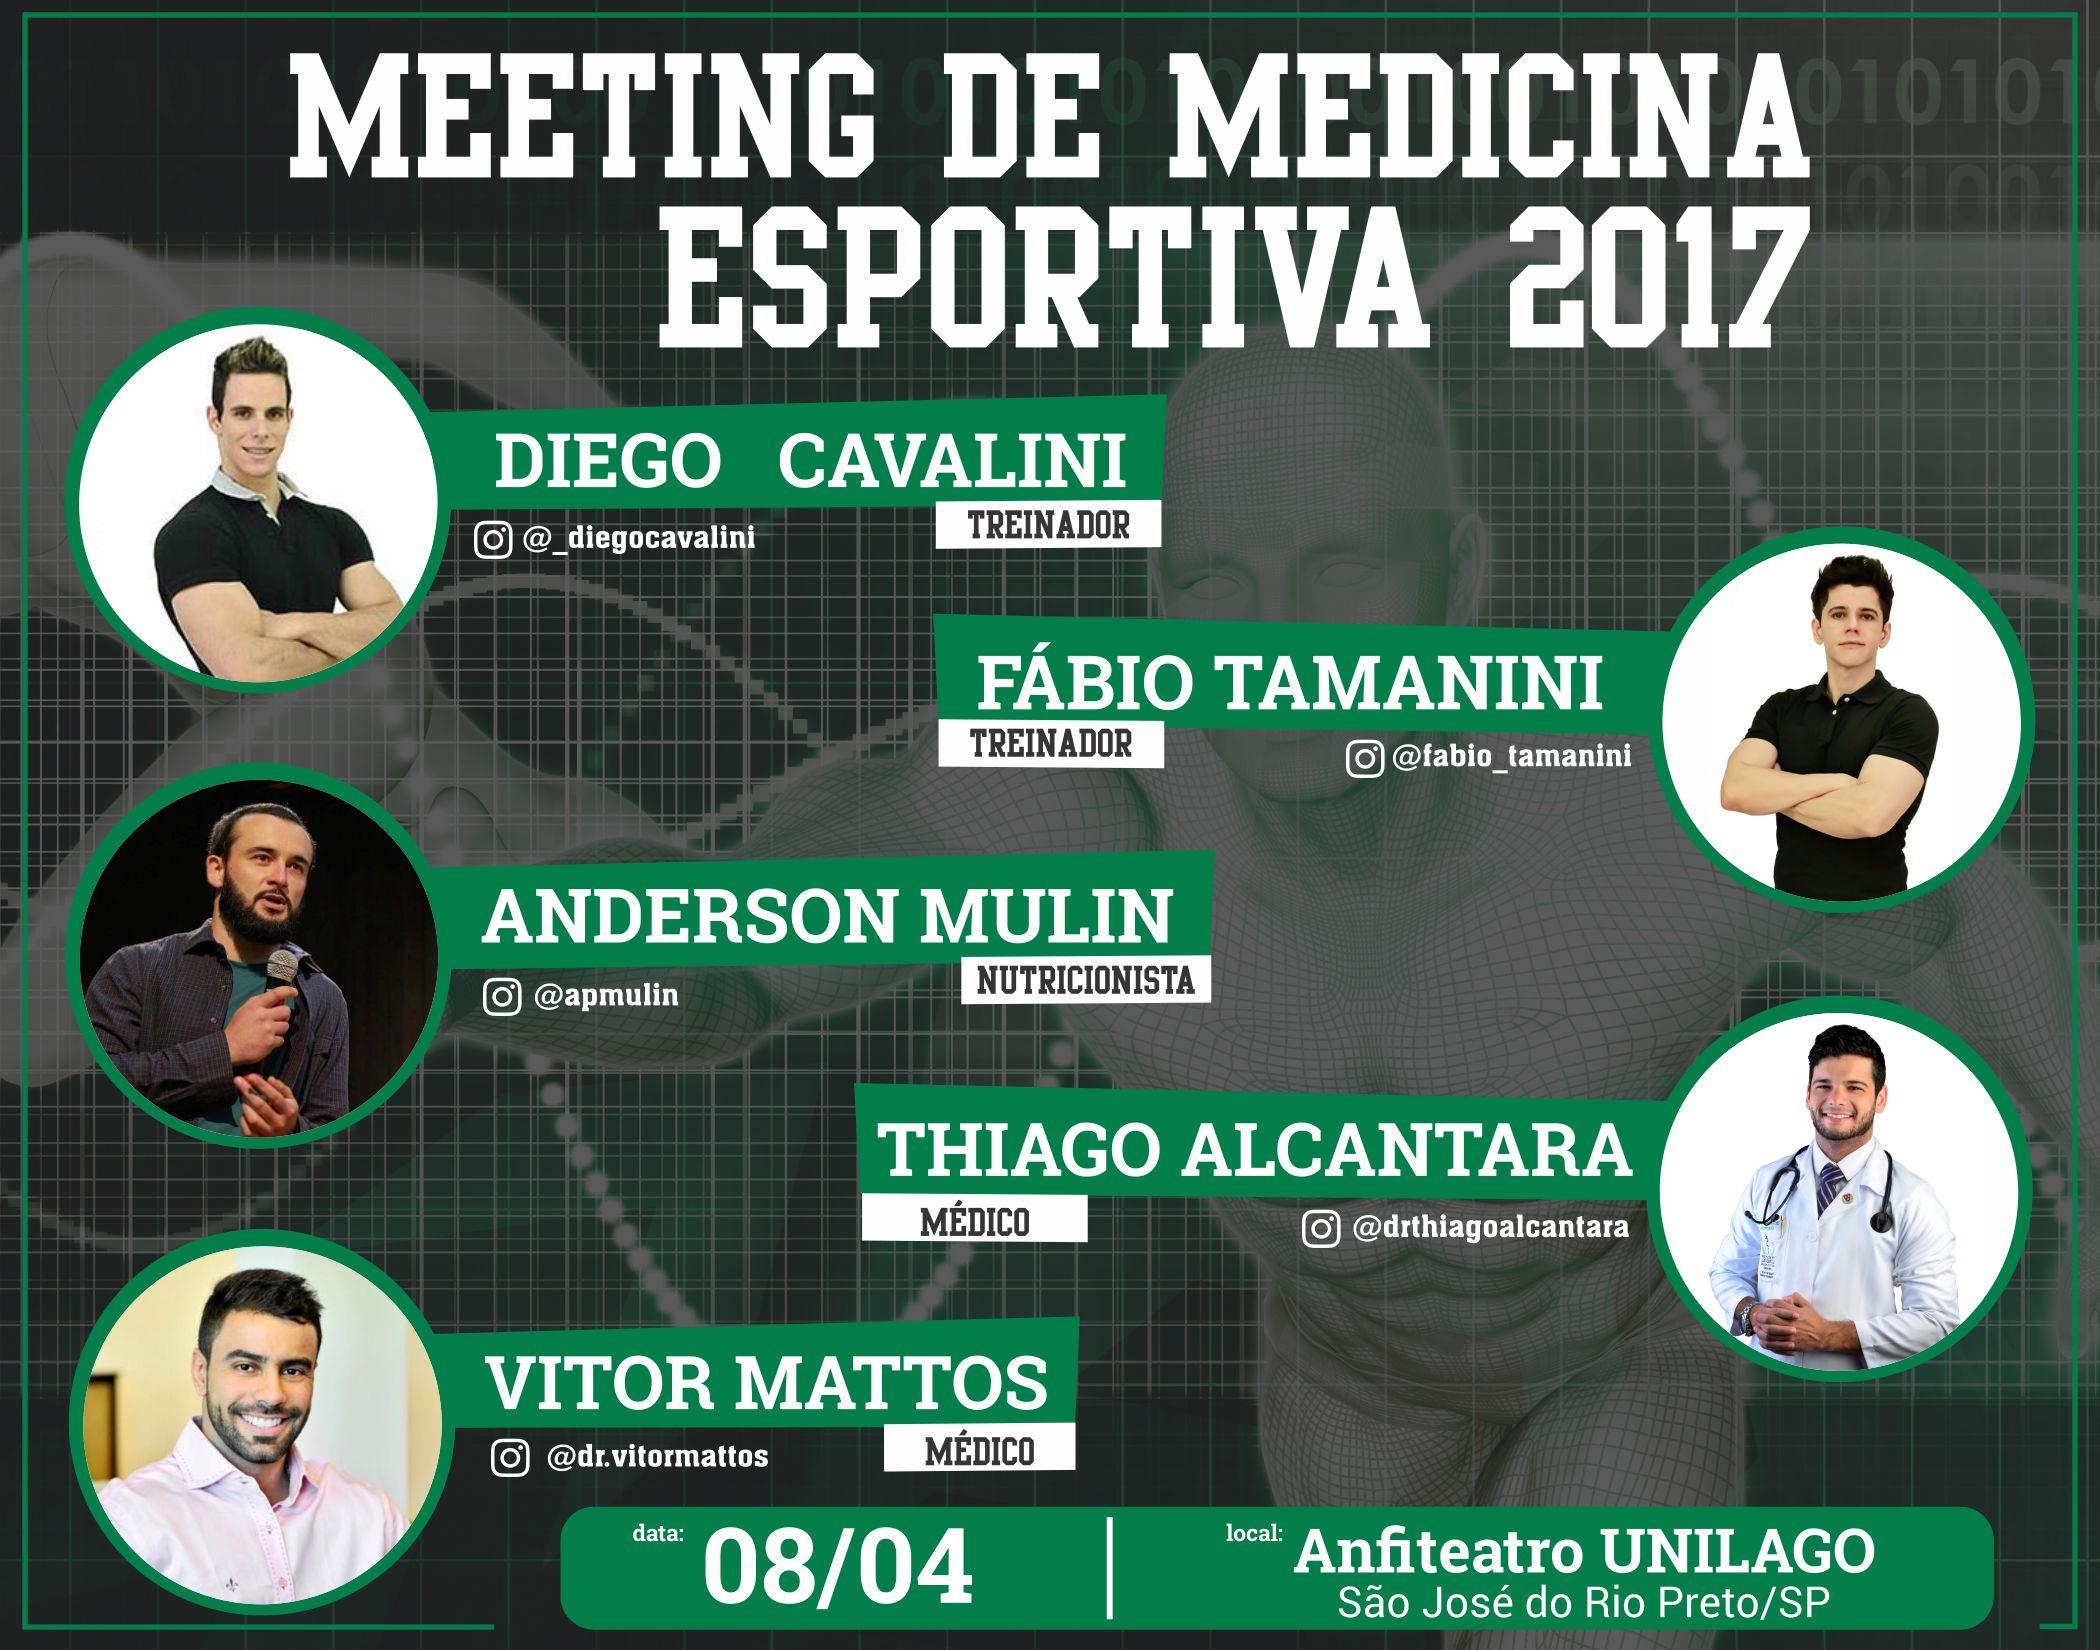 Meeting de Medicina Esportiva